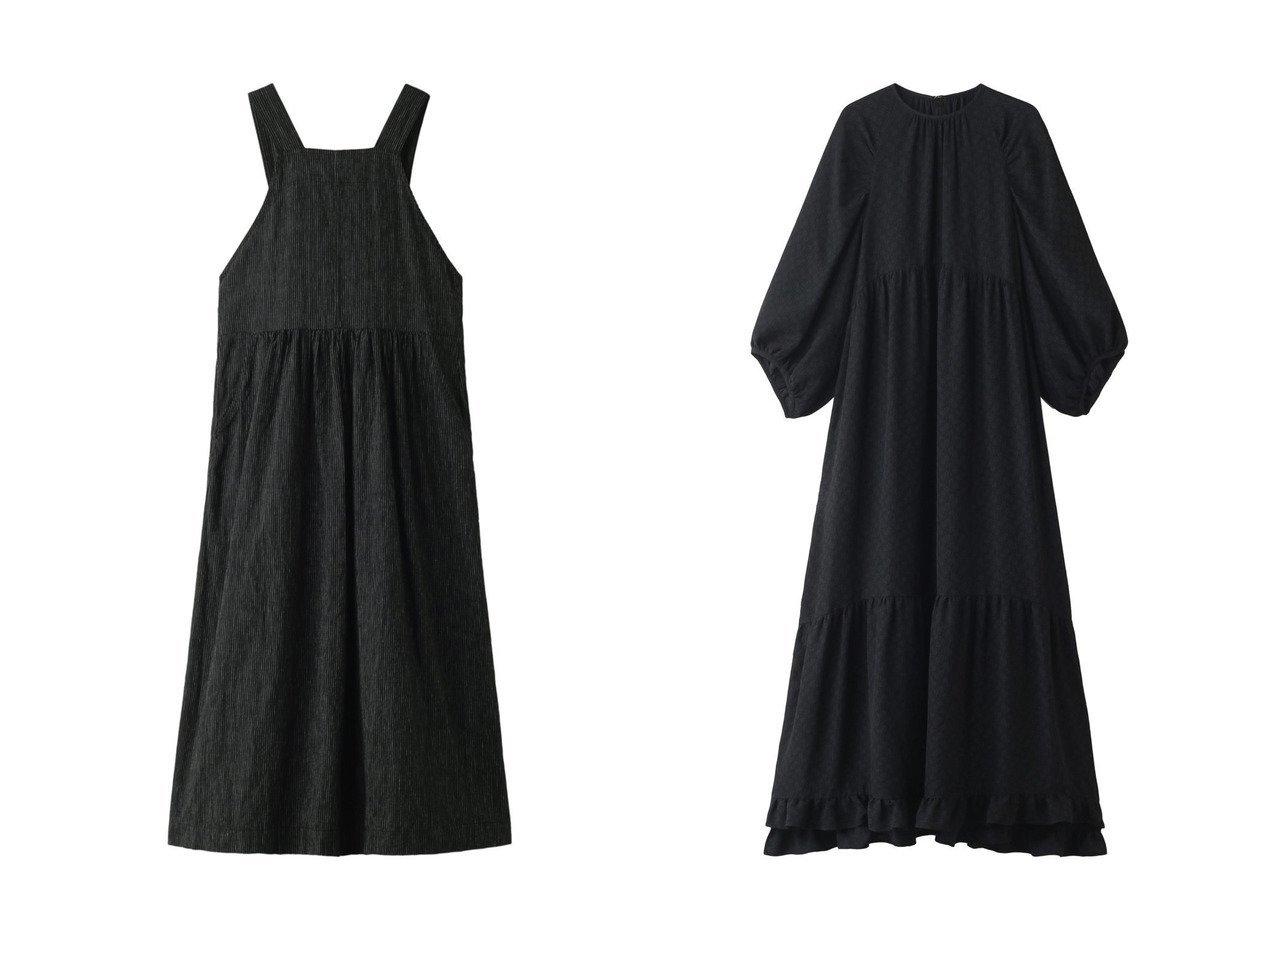 【Shinzone/シンゾーン】のコットンエプロンドレス&TOKYOギャザードレス ワンピース・ドレスのおすすめ!人気、トレンド・レディースファッションの通販 おすすめで人気の流行・トレンド、ファッションの通販商品 メンズファッション・キッズファッション・インテリア・家具・レディースファッション・服の通販 founy(ファニー) https://founy.com/ ファッション Fashion レディースファッション WOMEN ワンピース Dress ドレス Party Dresses 2021年 2021 2021 春夏 S/S SS Spring/Summer 2021 S/S 春夏 SS Spring/Summer ギャザー スキニー ドレス パターン フェミニン ロング 春 Spring |ID:crp329100000013475